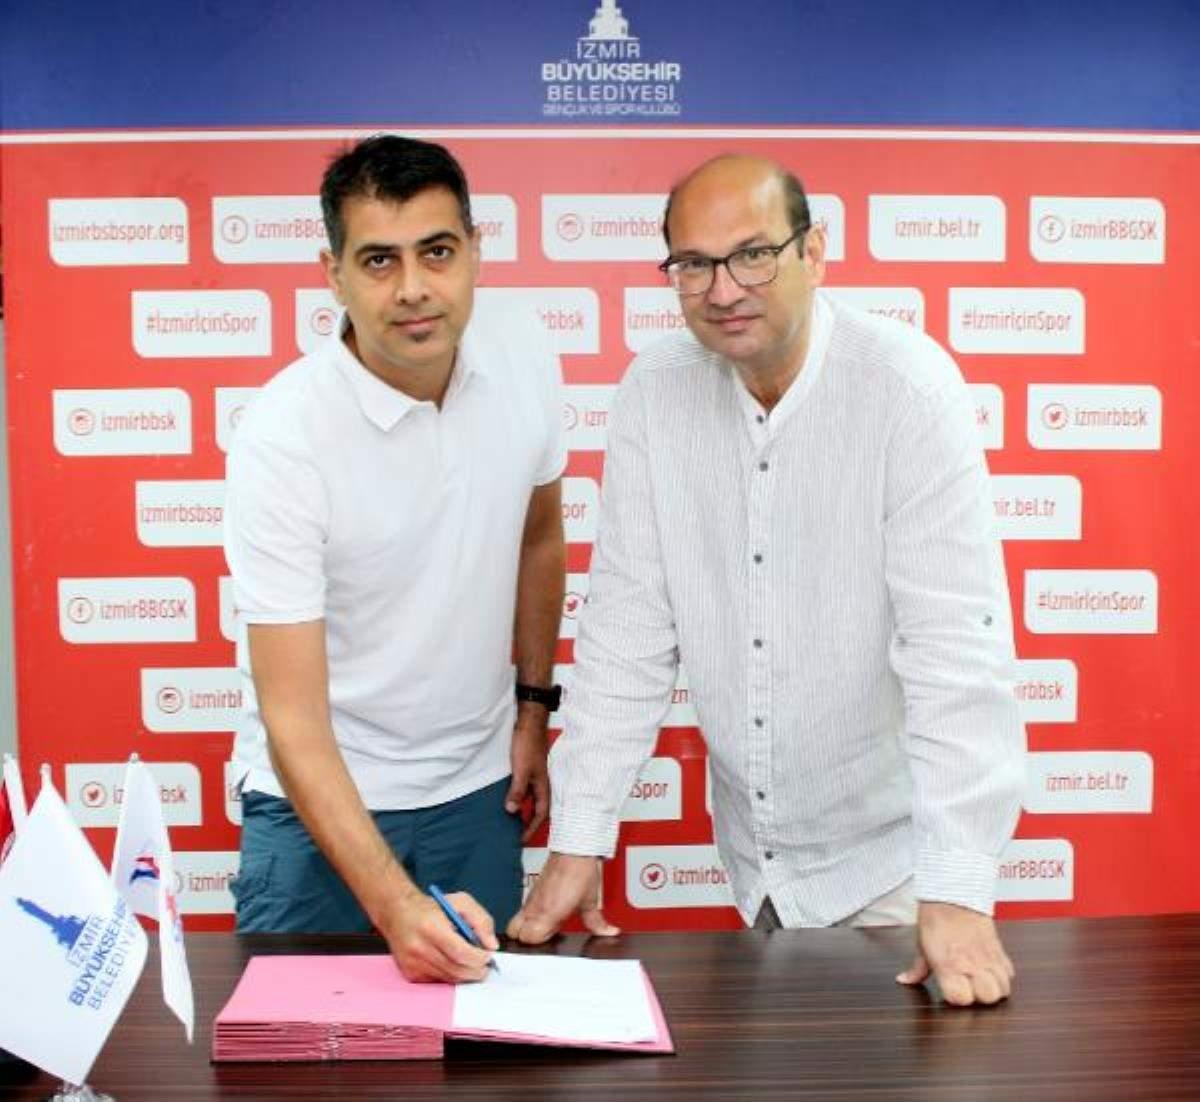 İzmir BŞB hentbolda Gençoğlu yla imzaladı